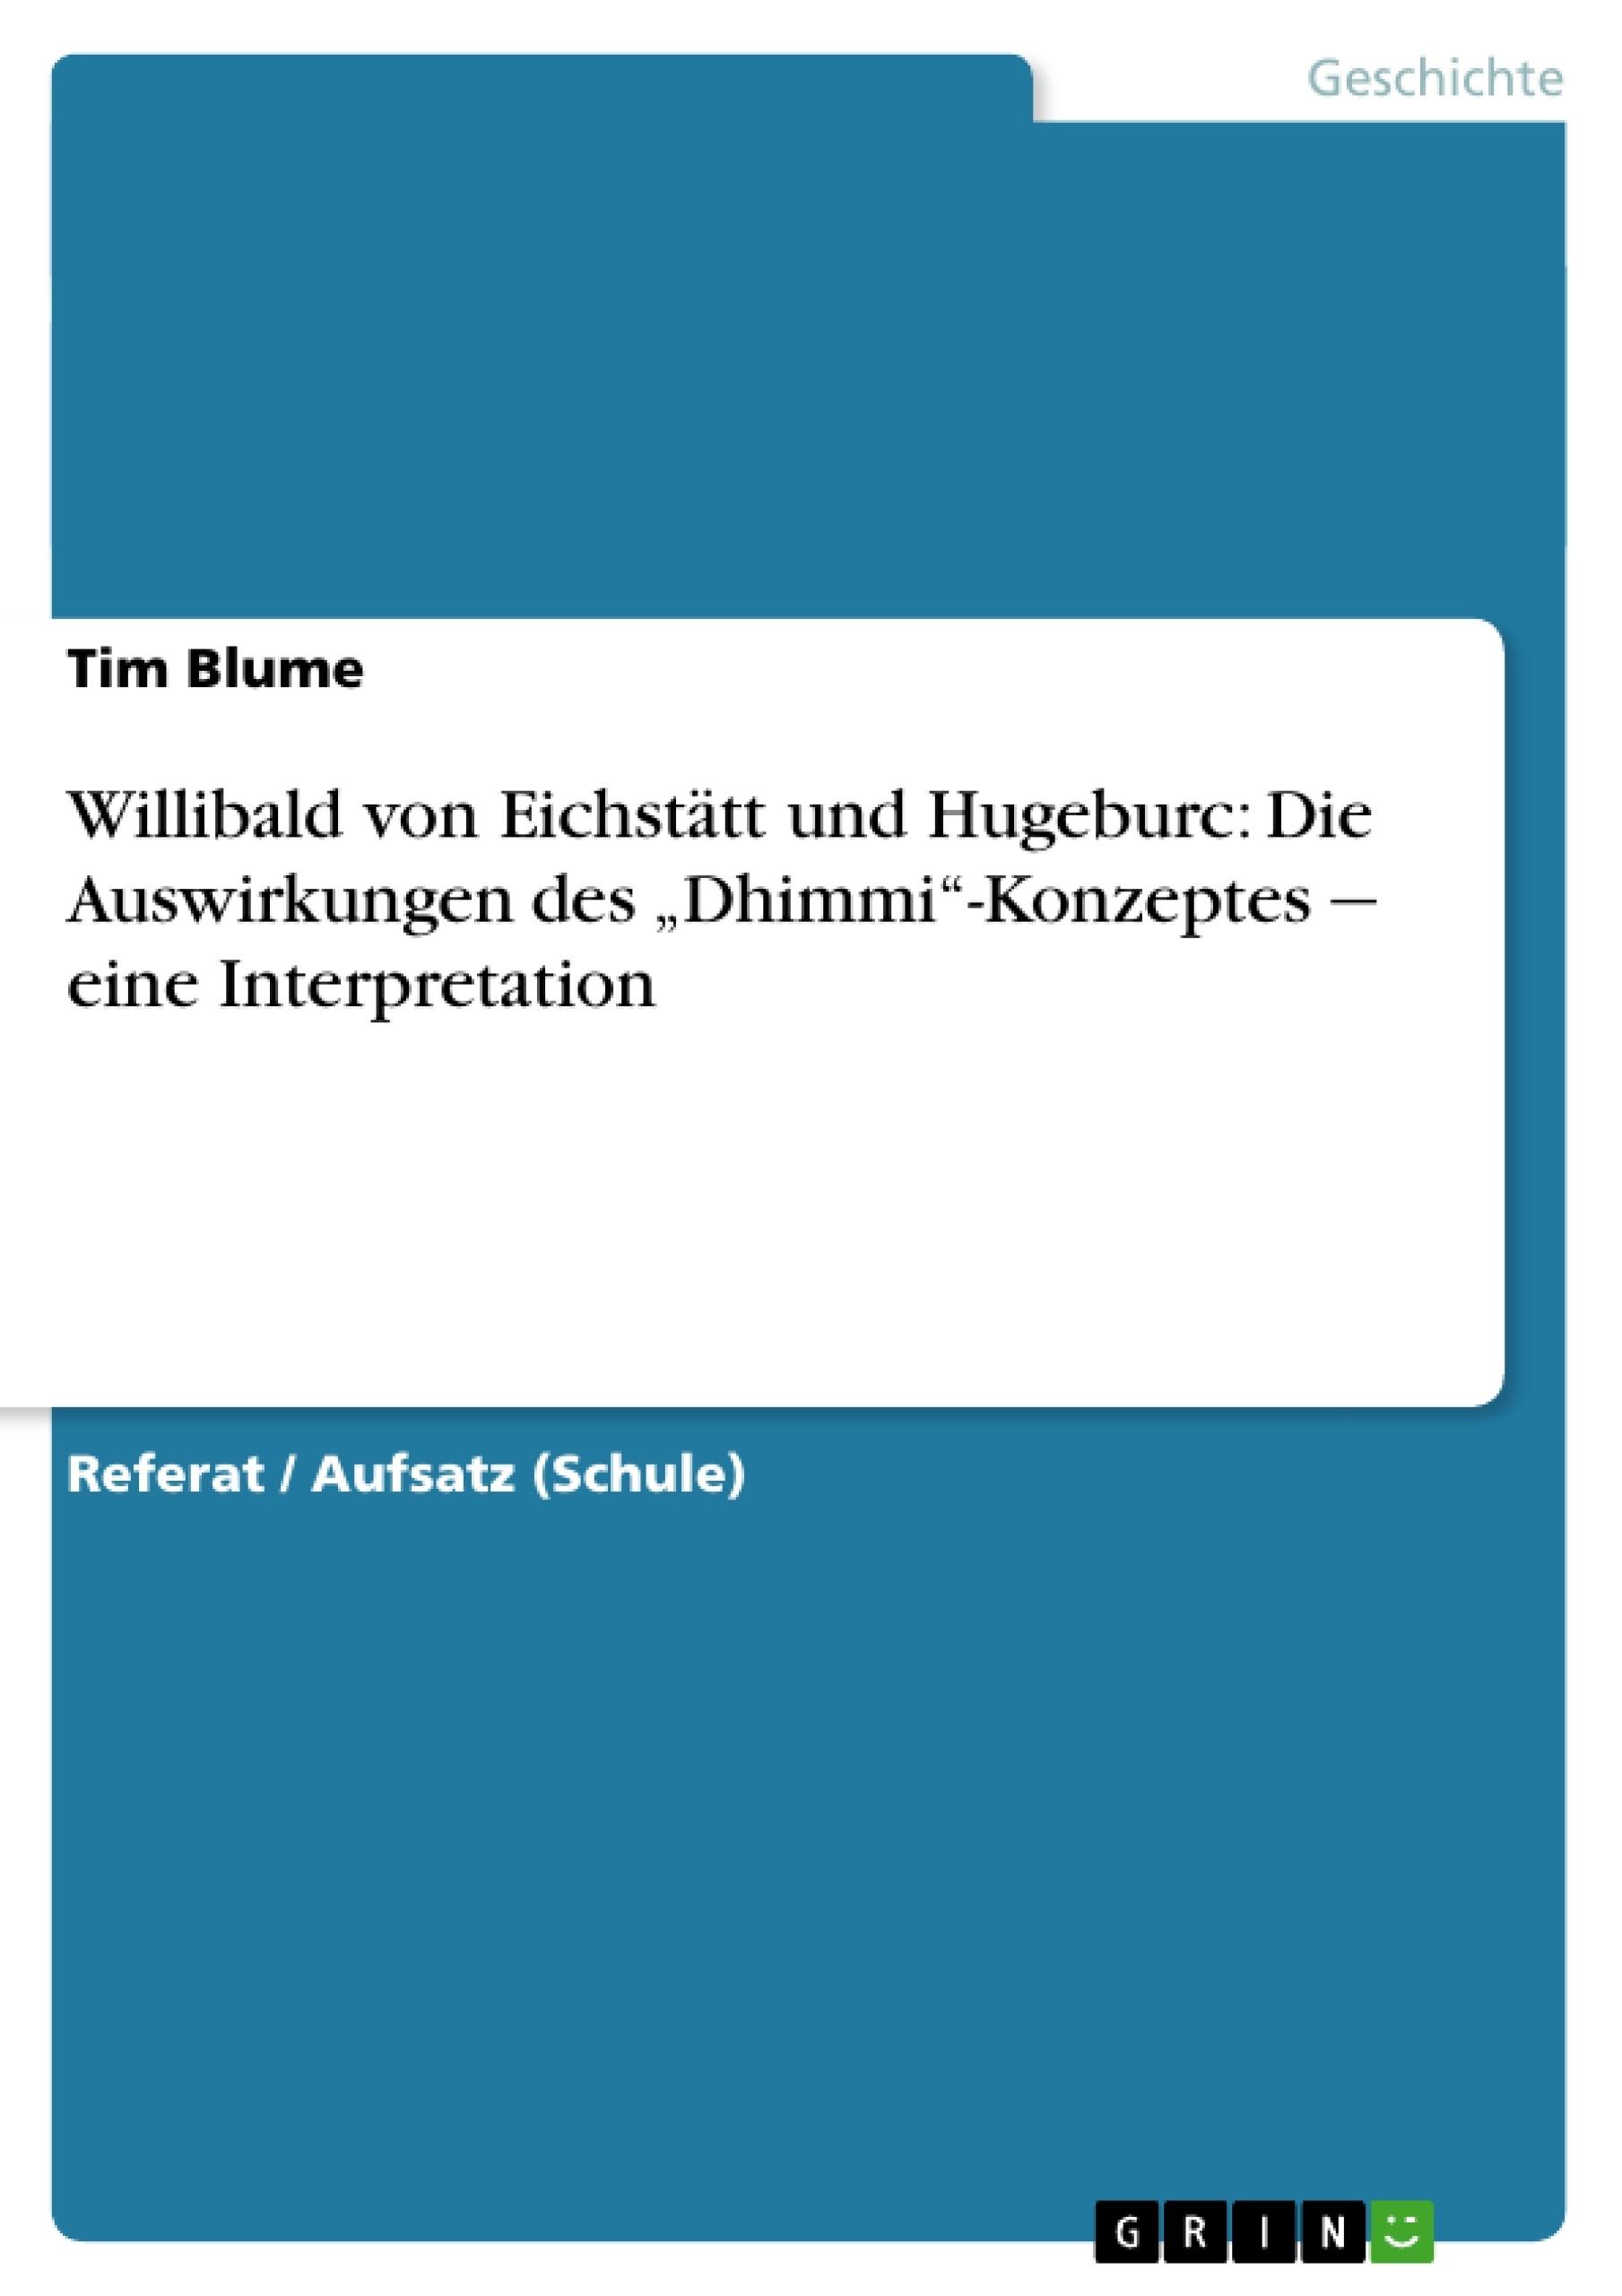 """Titel: Willibald von Eichstätt und Hugeburc: Die Auswirkungen des """"Dhimmi""""-Konzeptes ‒ eine Interpretation"""